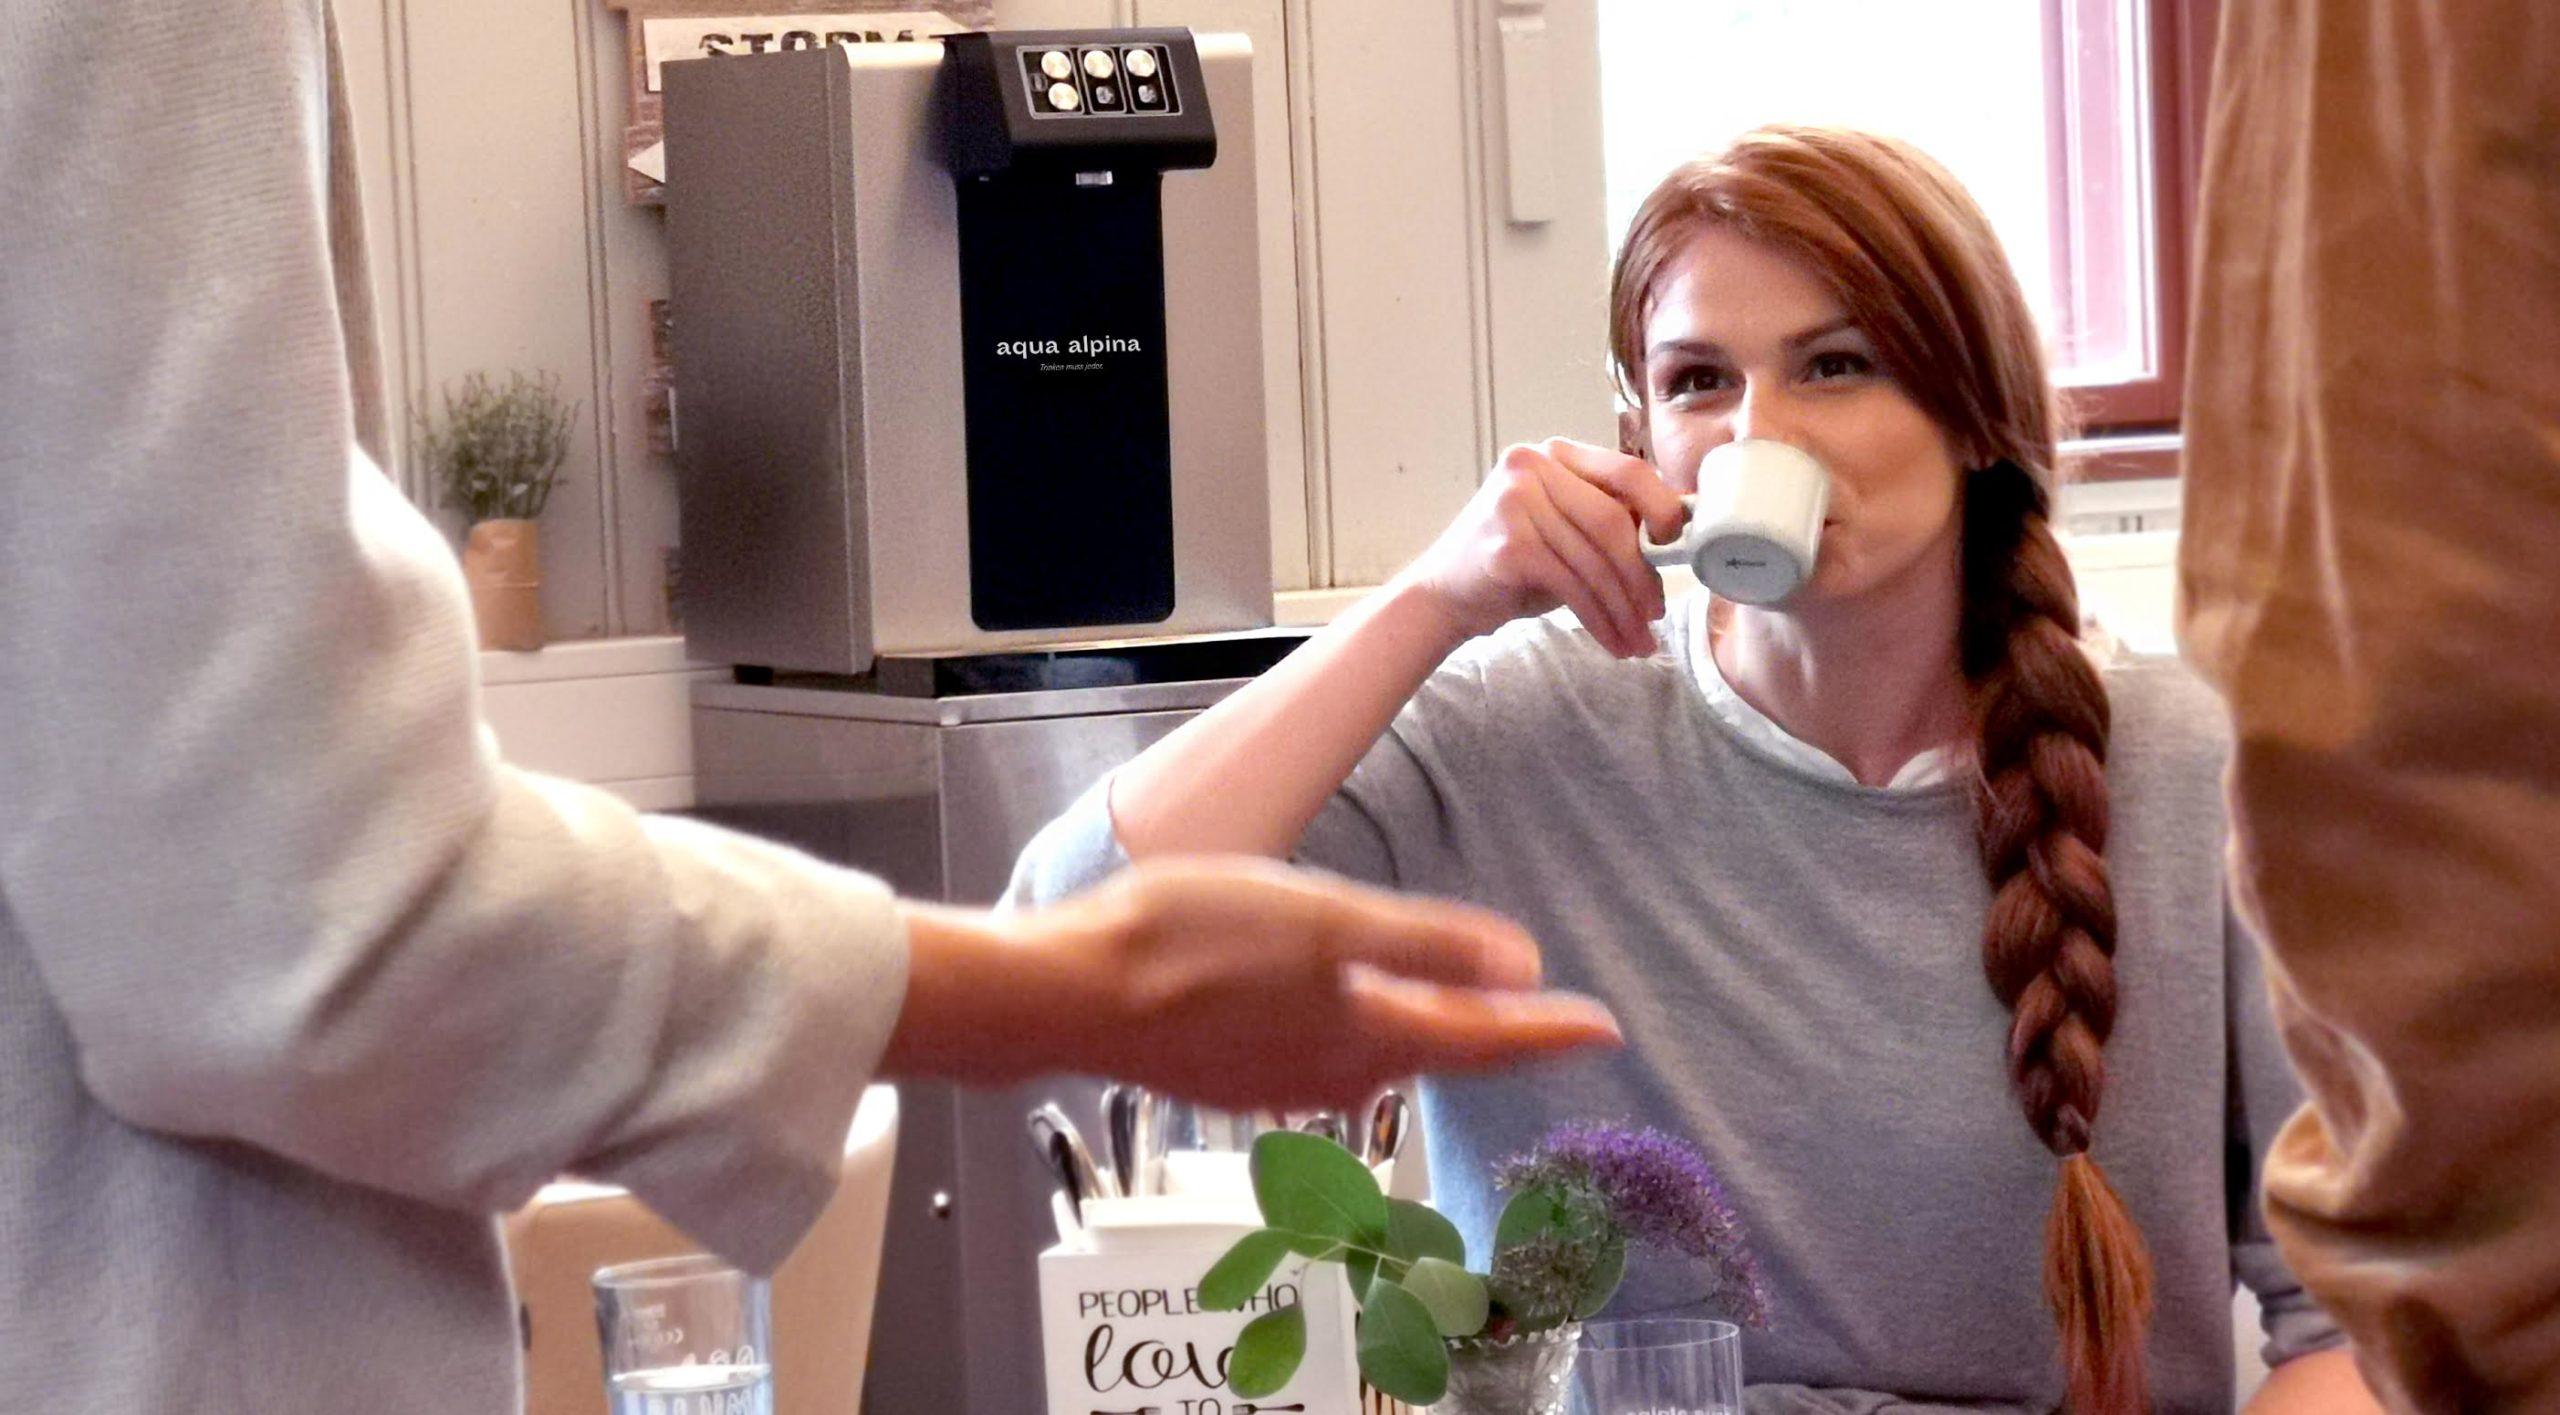 Frau sitzt mit Kaffee vor Wasserspender Soda Premium